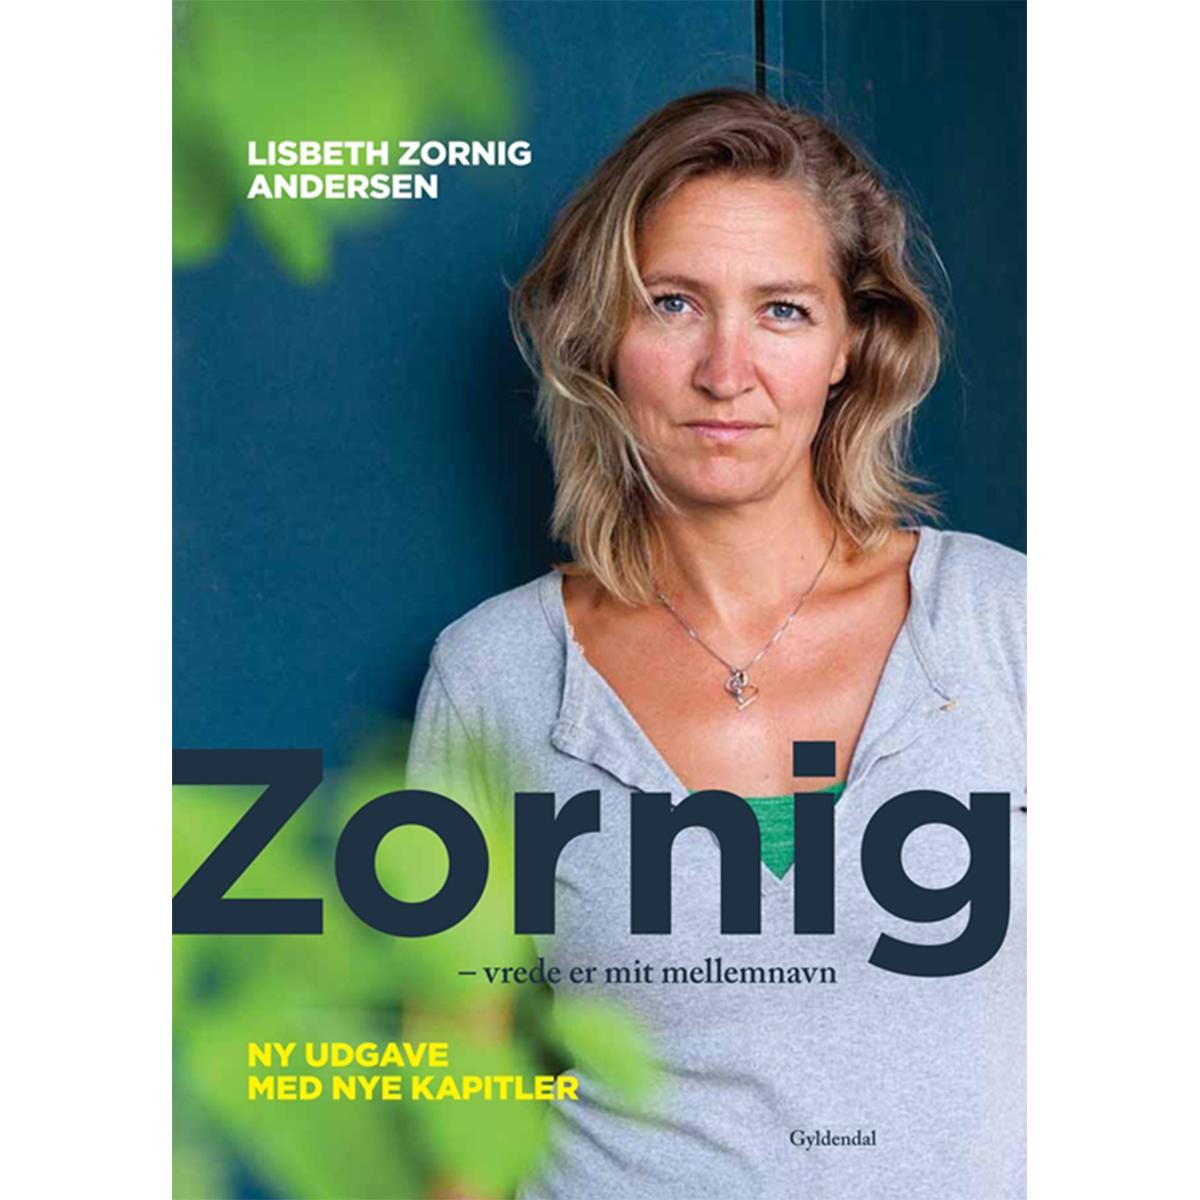 Zornig - vrede er mit mellemnavn - Hæftet